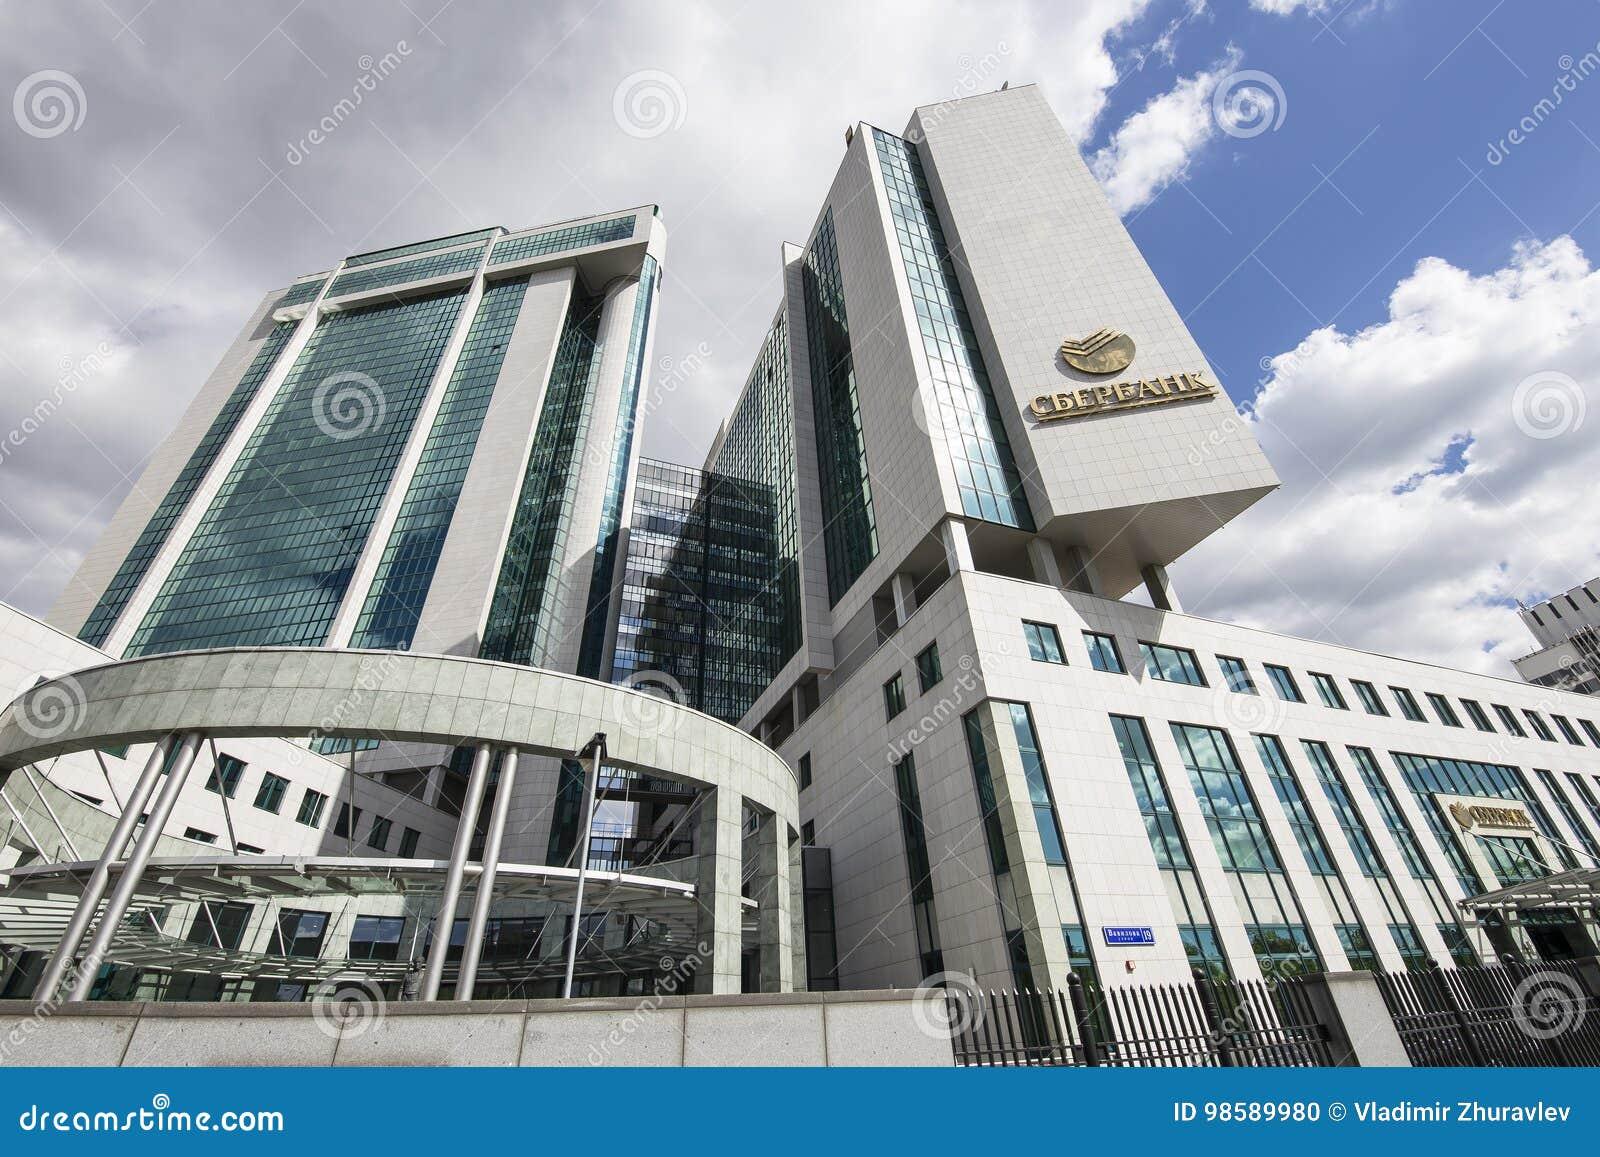 сбербанк адрес москва головной офис